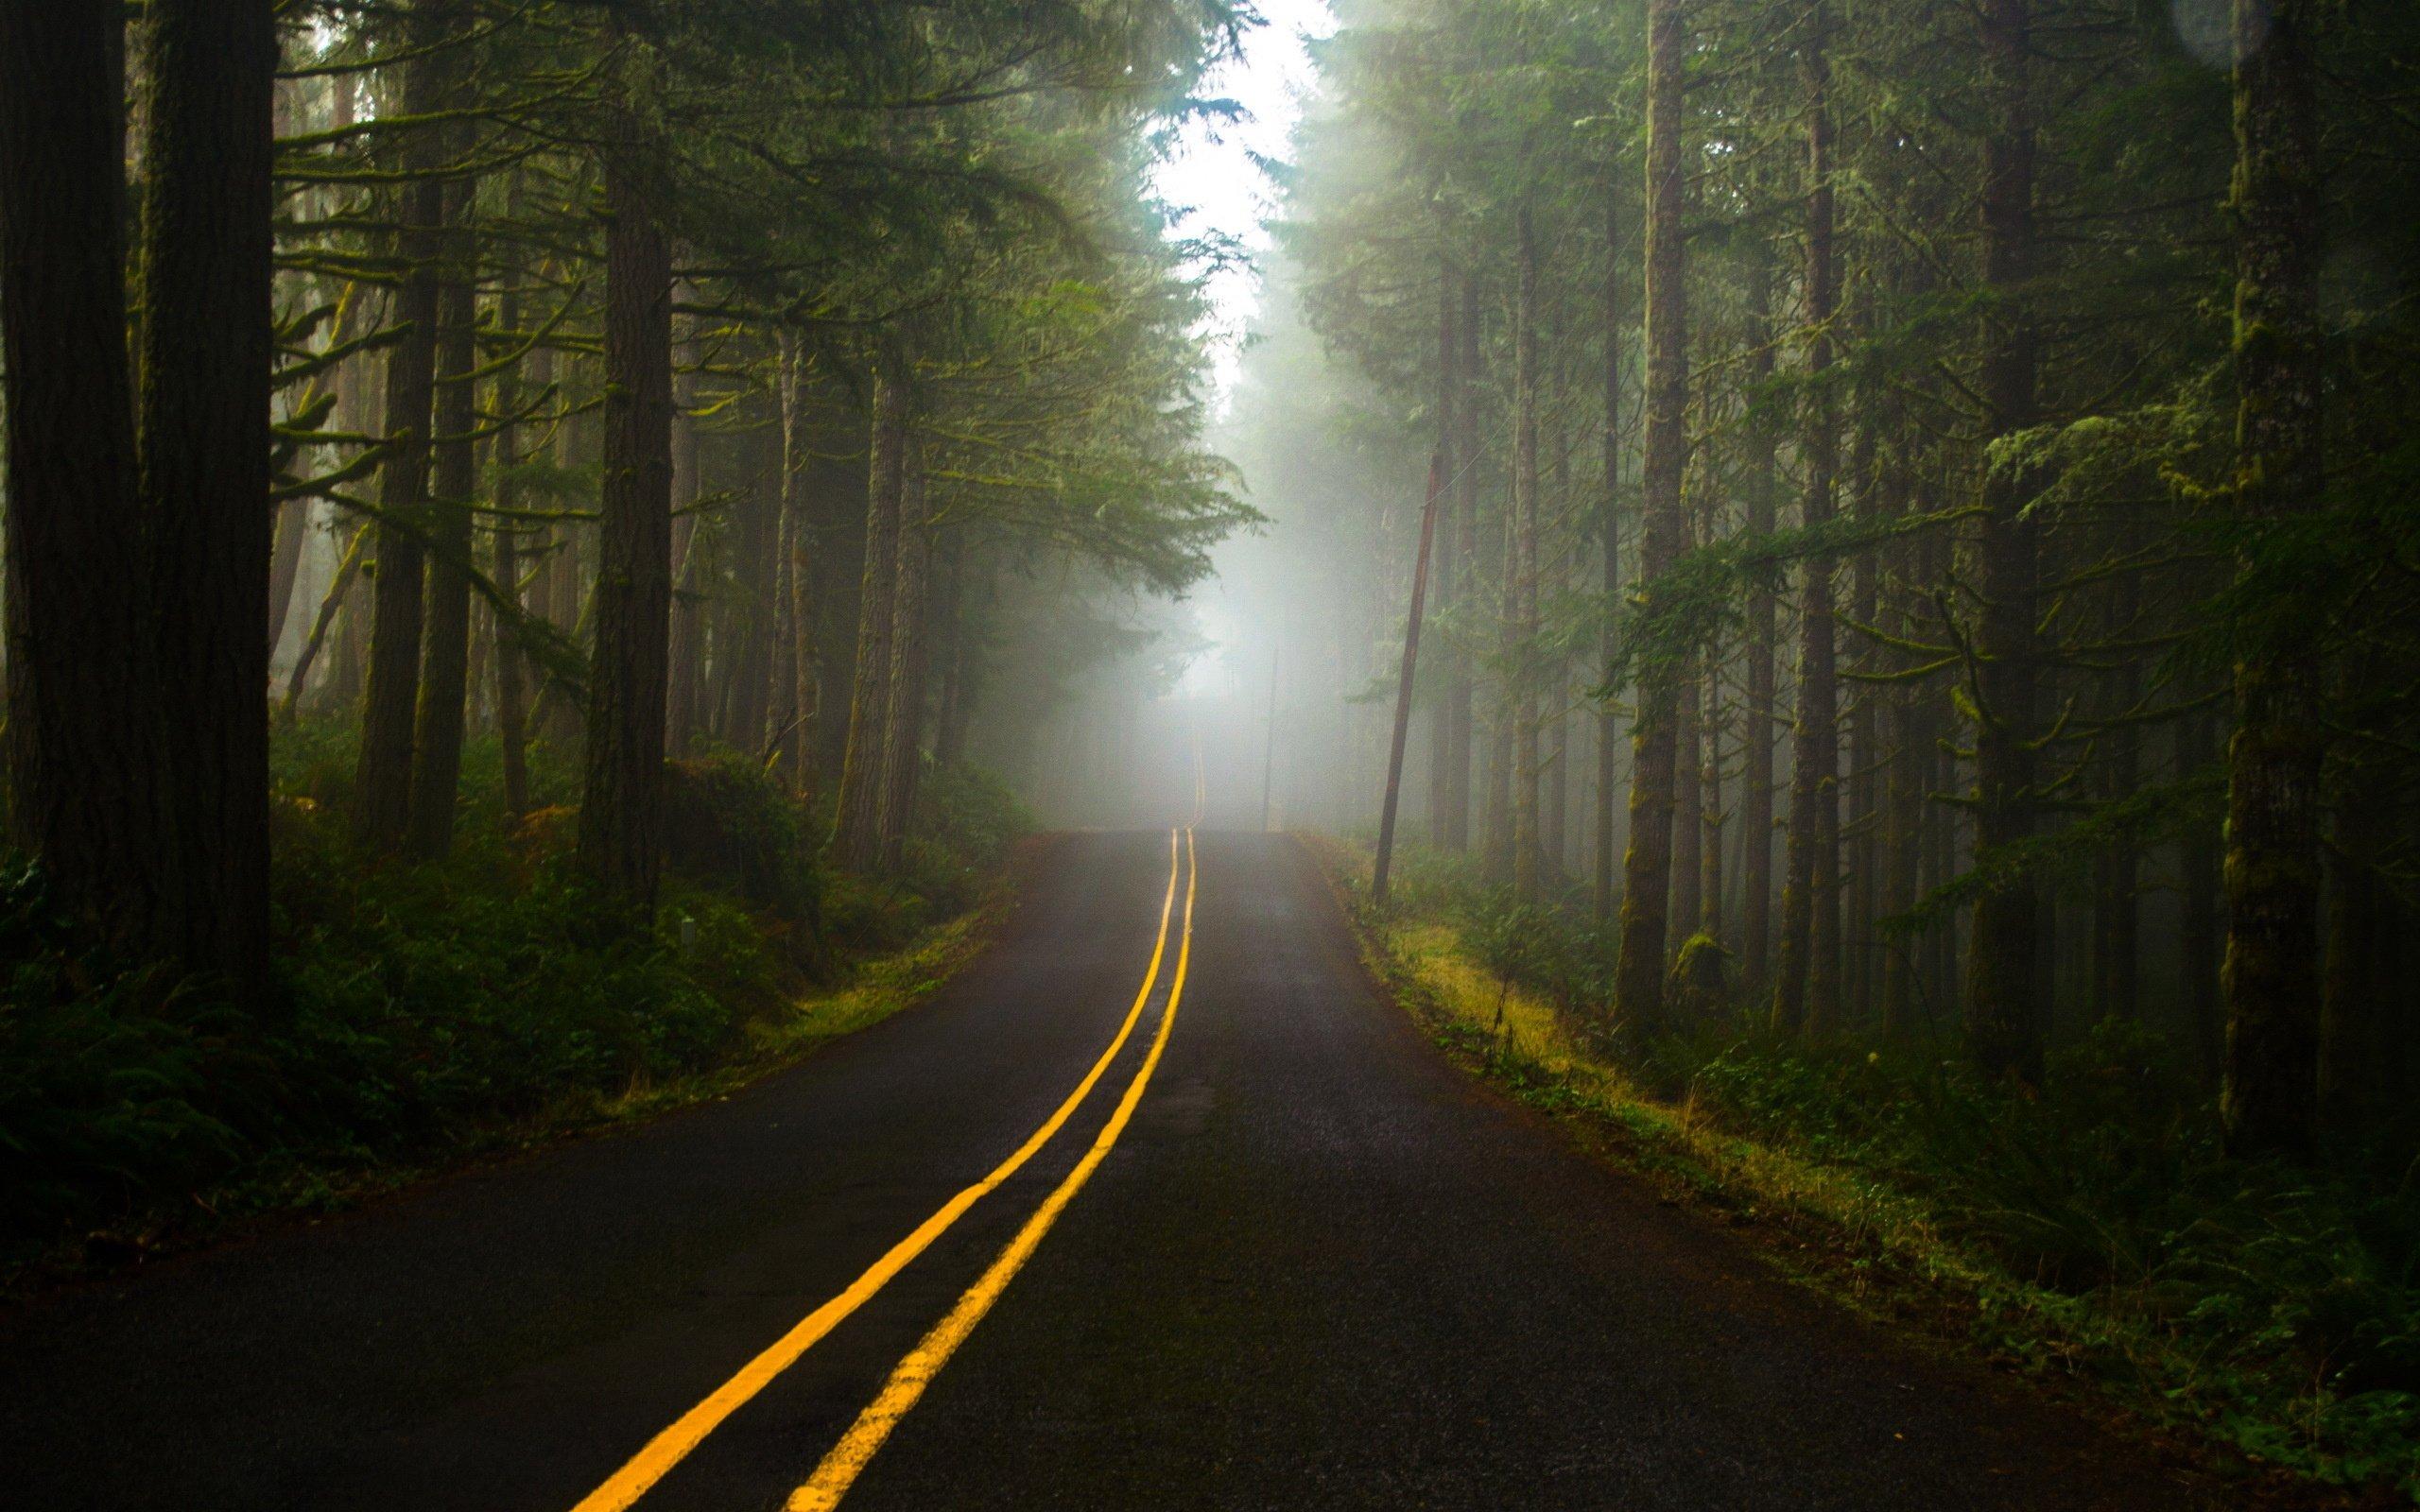 Fog Forest Road Wallpaper 2560x1600 348200 Wallpaperup